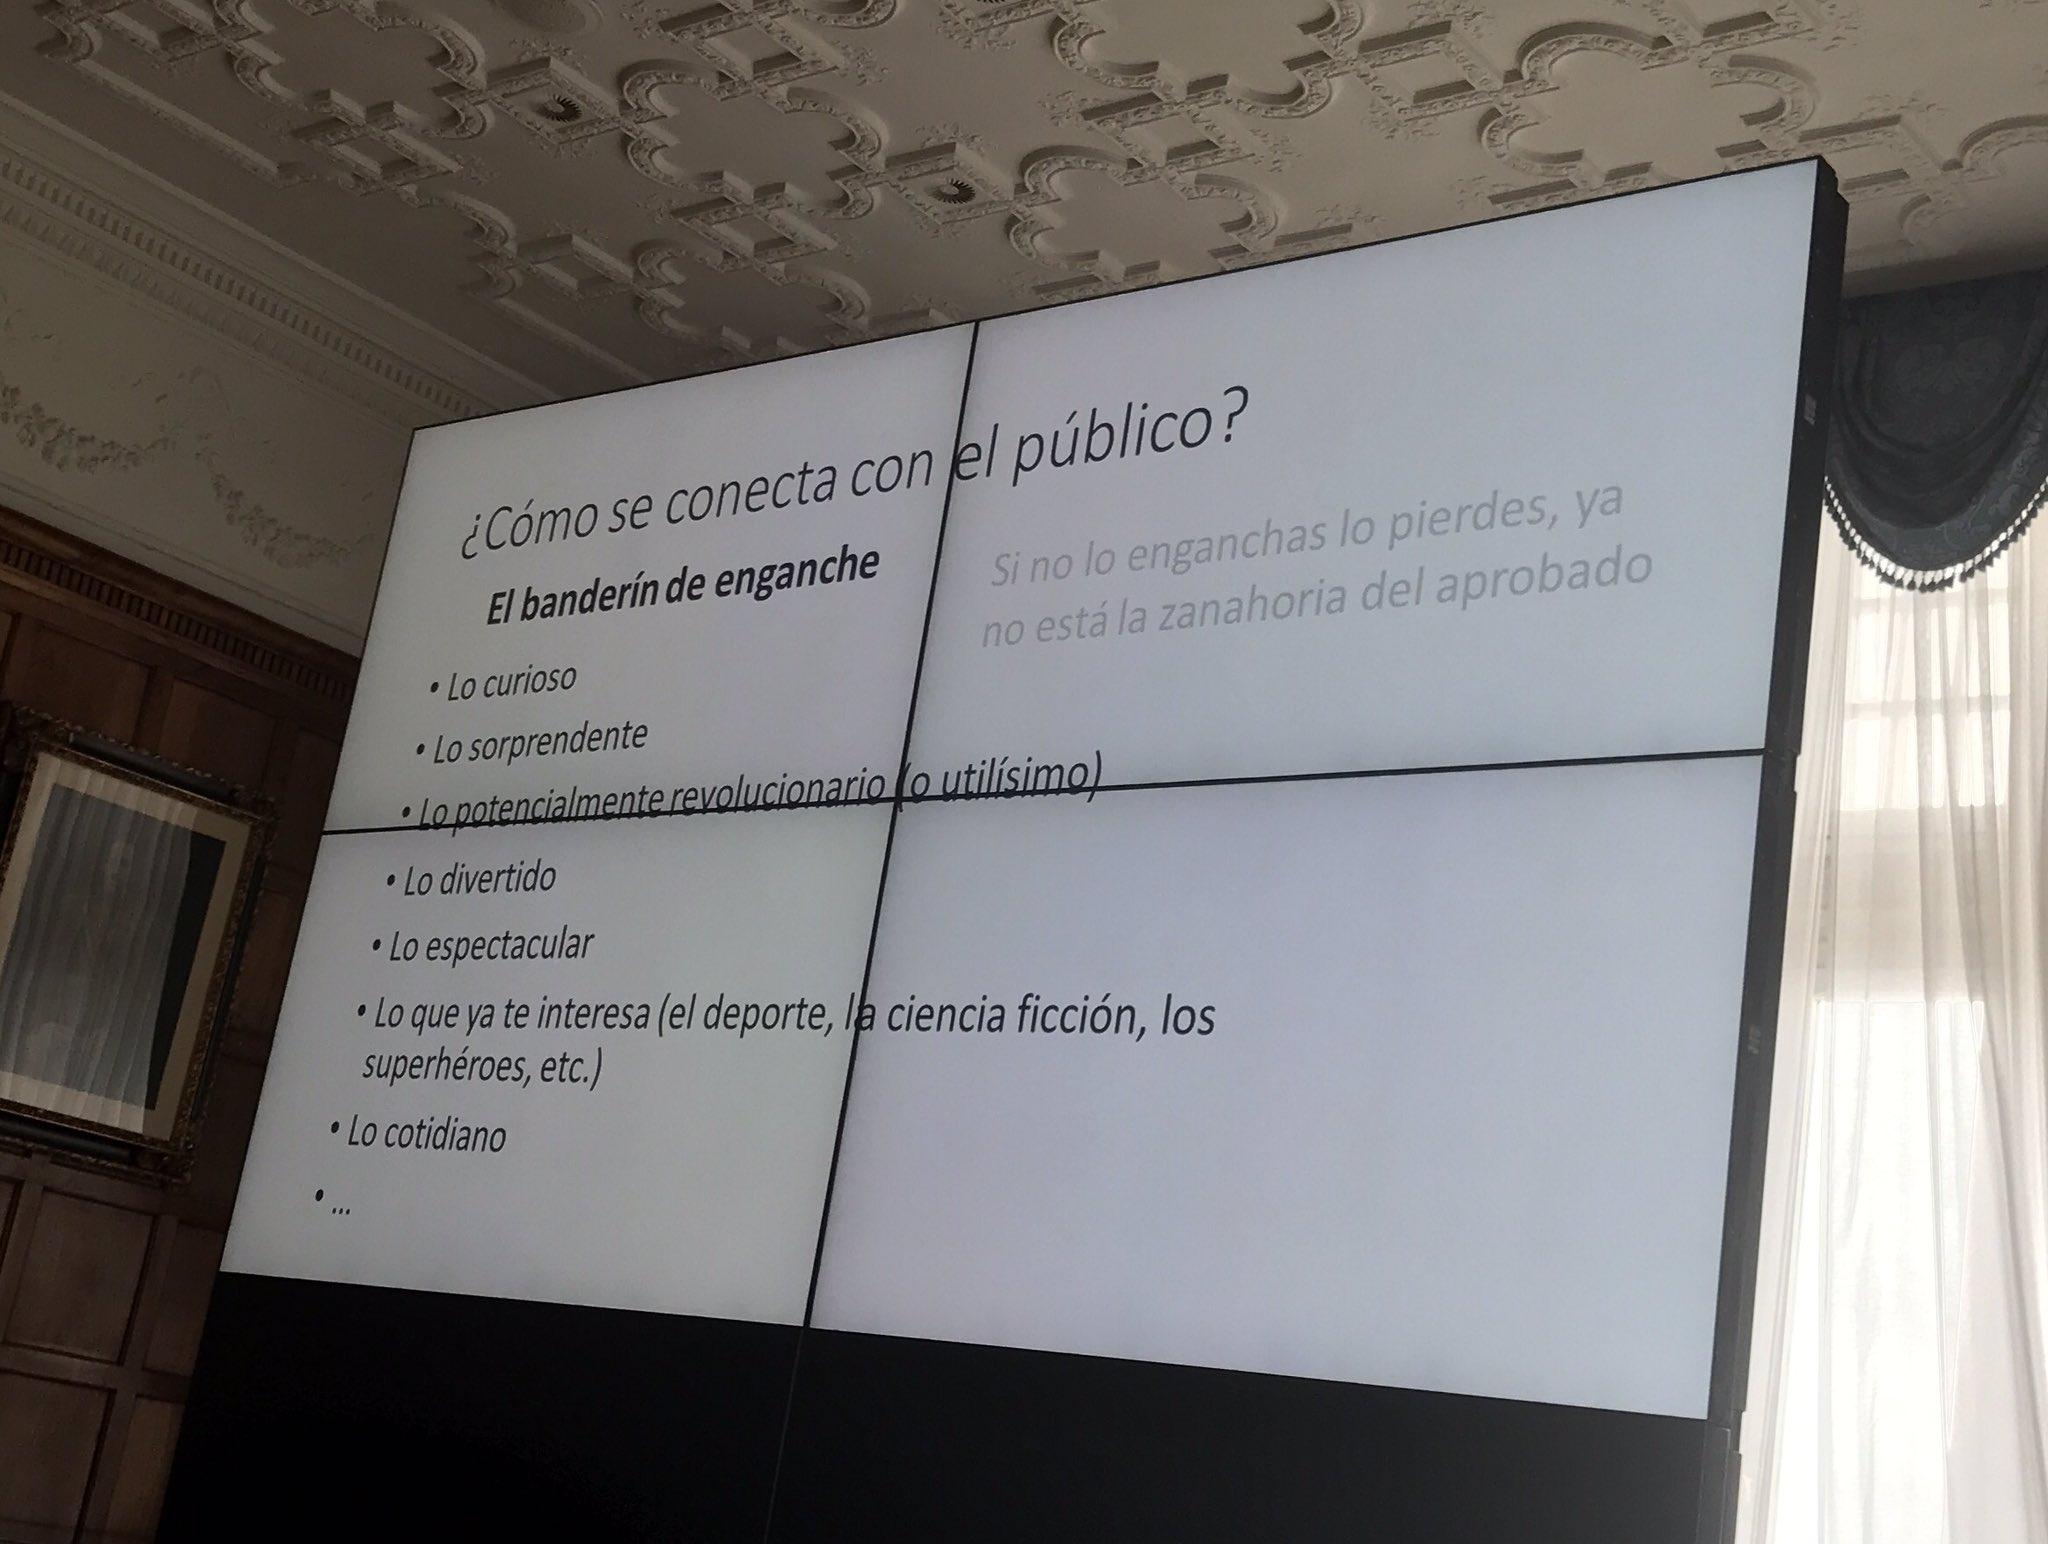 ¿Cómo se conecta con el público? @Joaquin_Sevilla @UNavarra #UIMPDivulgaCiencia https://t.co/GmJaWrFT4W